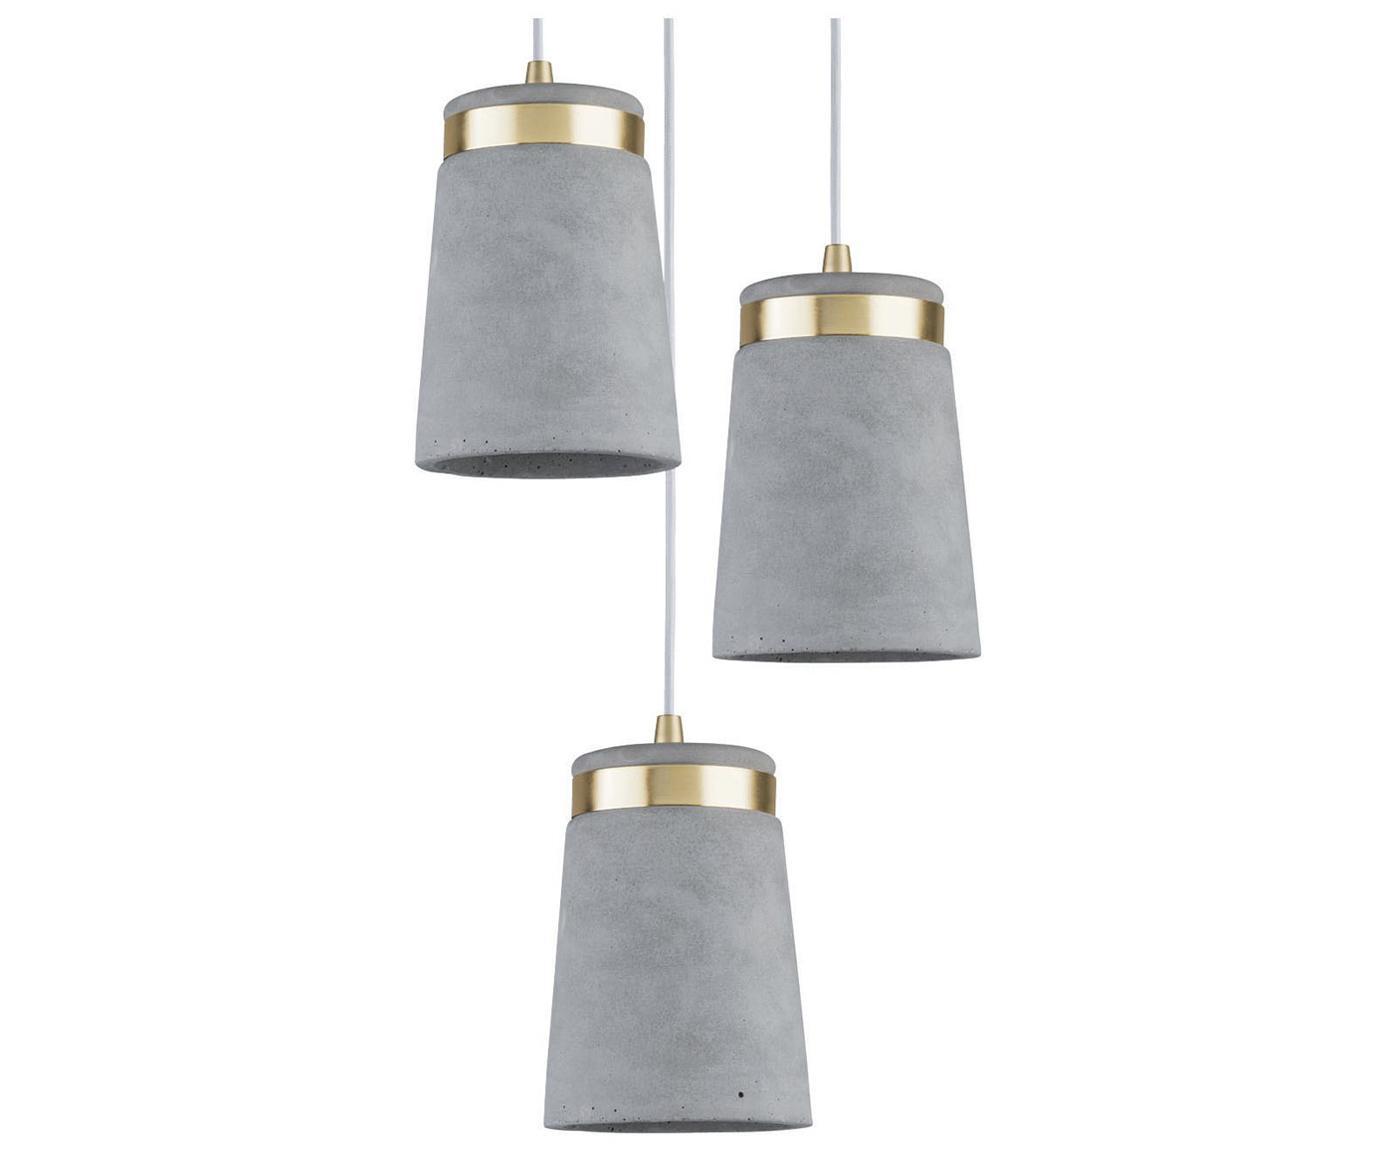 Lampada a sospensione in cemento Norell, Paralume: cemento, Grigio, ottone, Ø 12 x Alt.17 cm